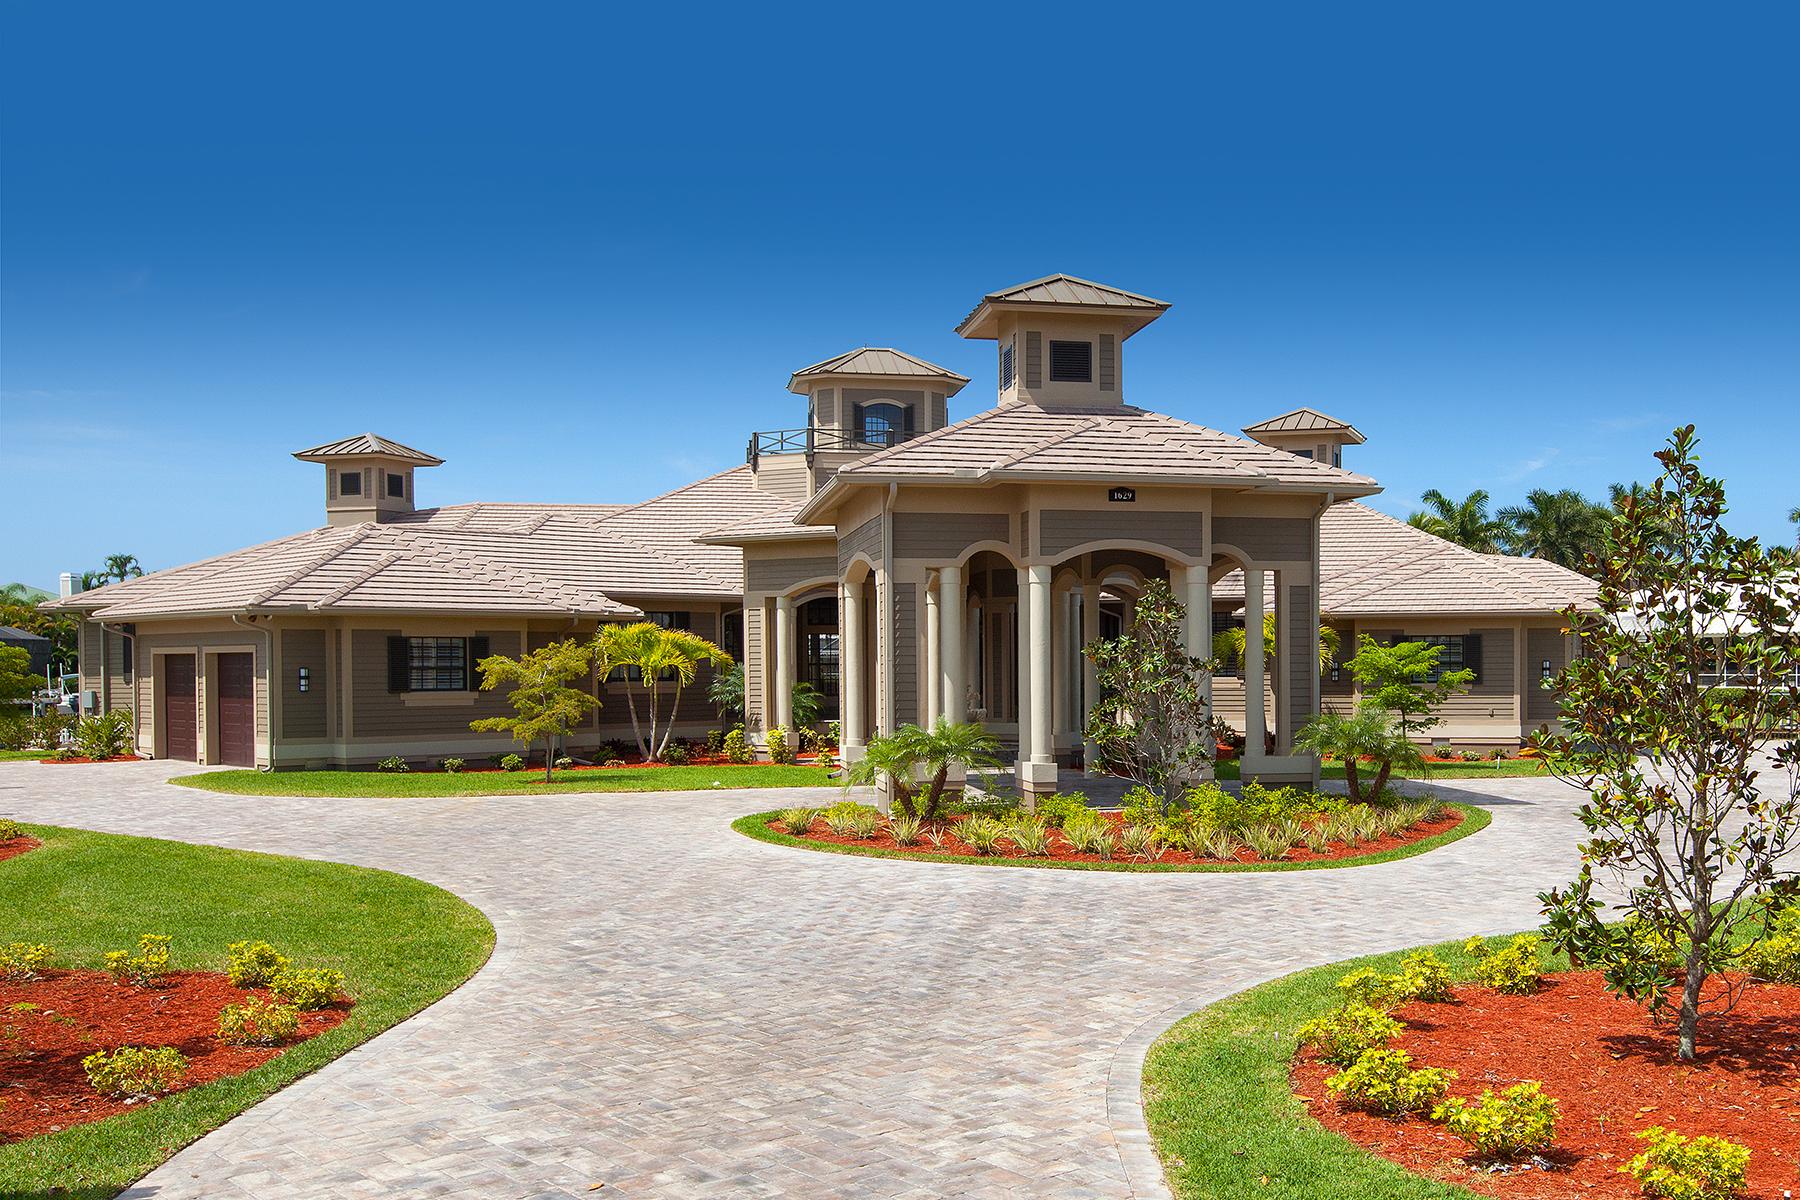 Moradia para Venda às MARCO ISLAND 1629 Mcilvaine Ct Marco Island, Florida, 34145 Estados Unidos